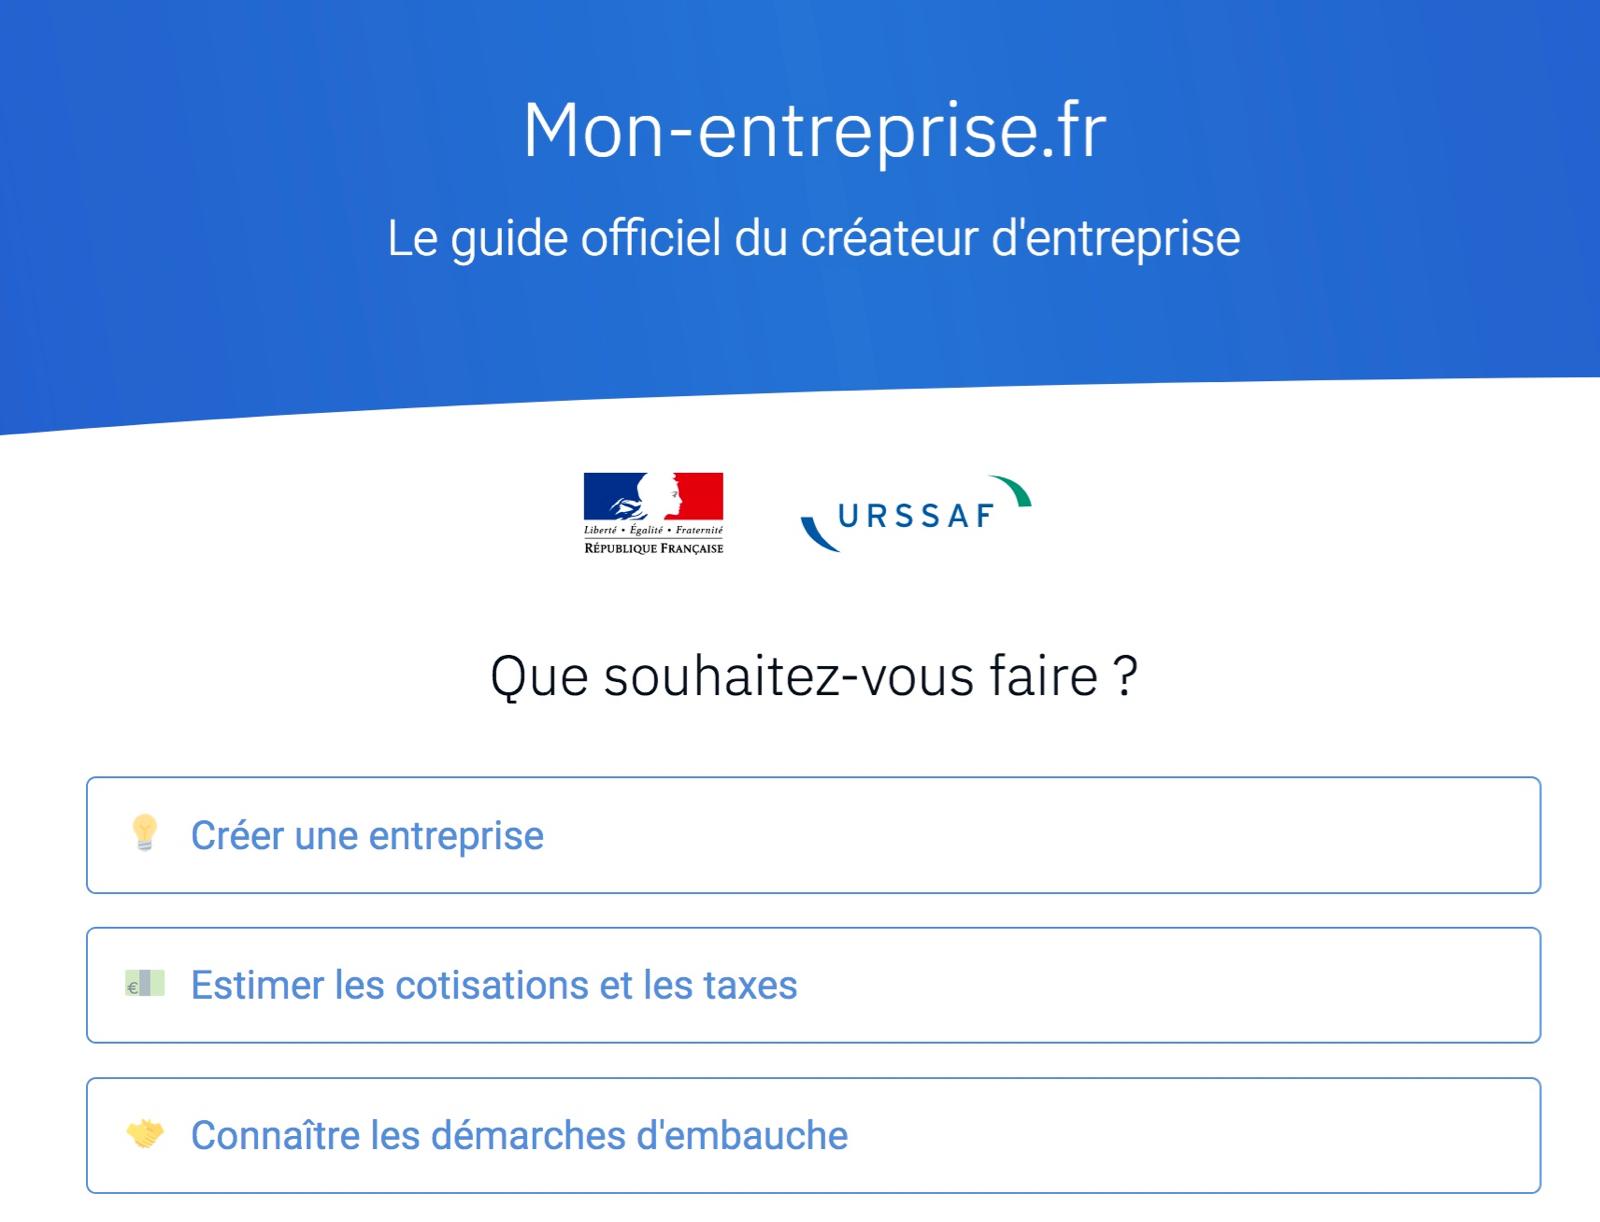 Les Urssaf lancent un site pour accompagner les créateurs d'entreprise